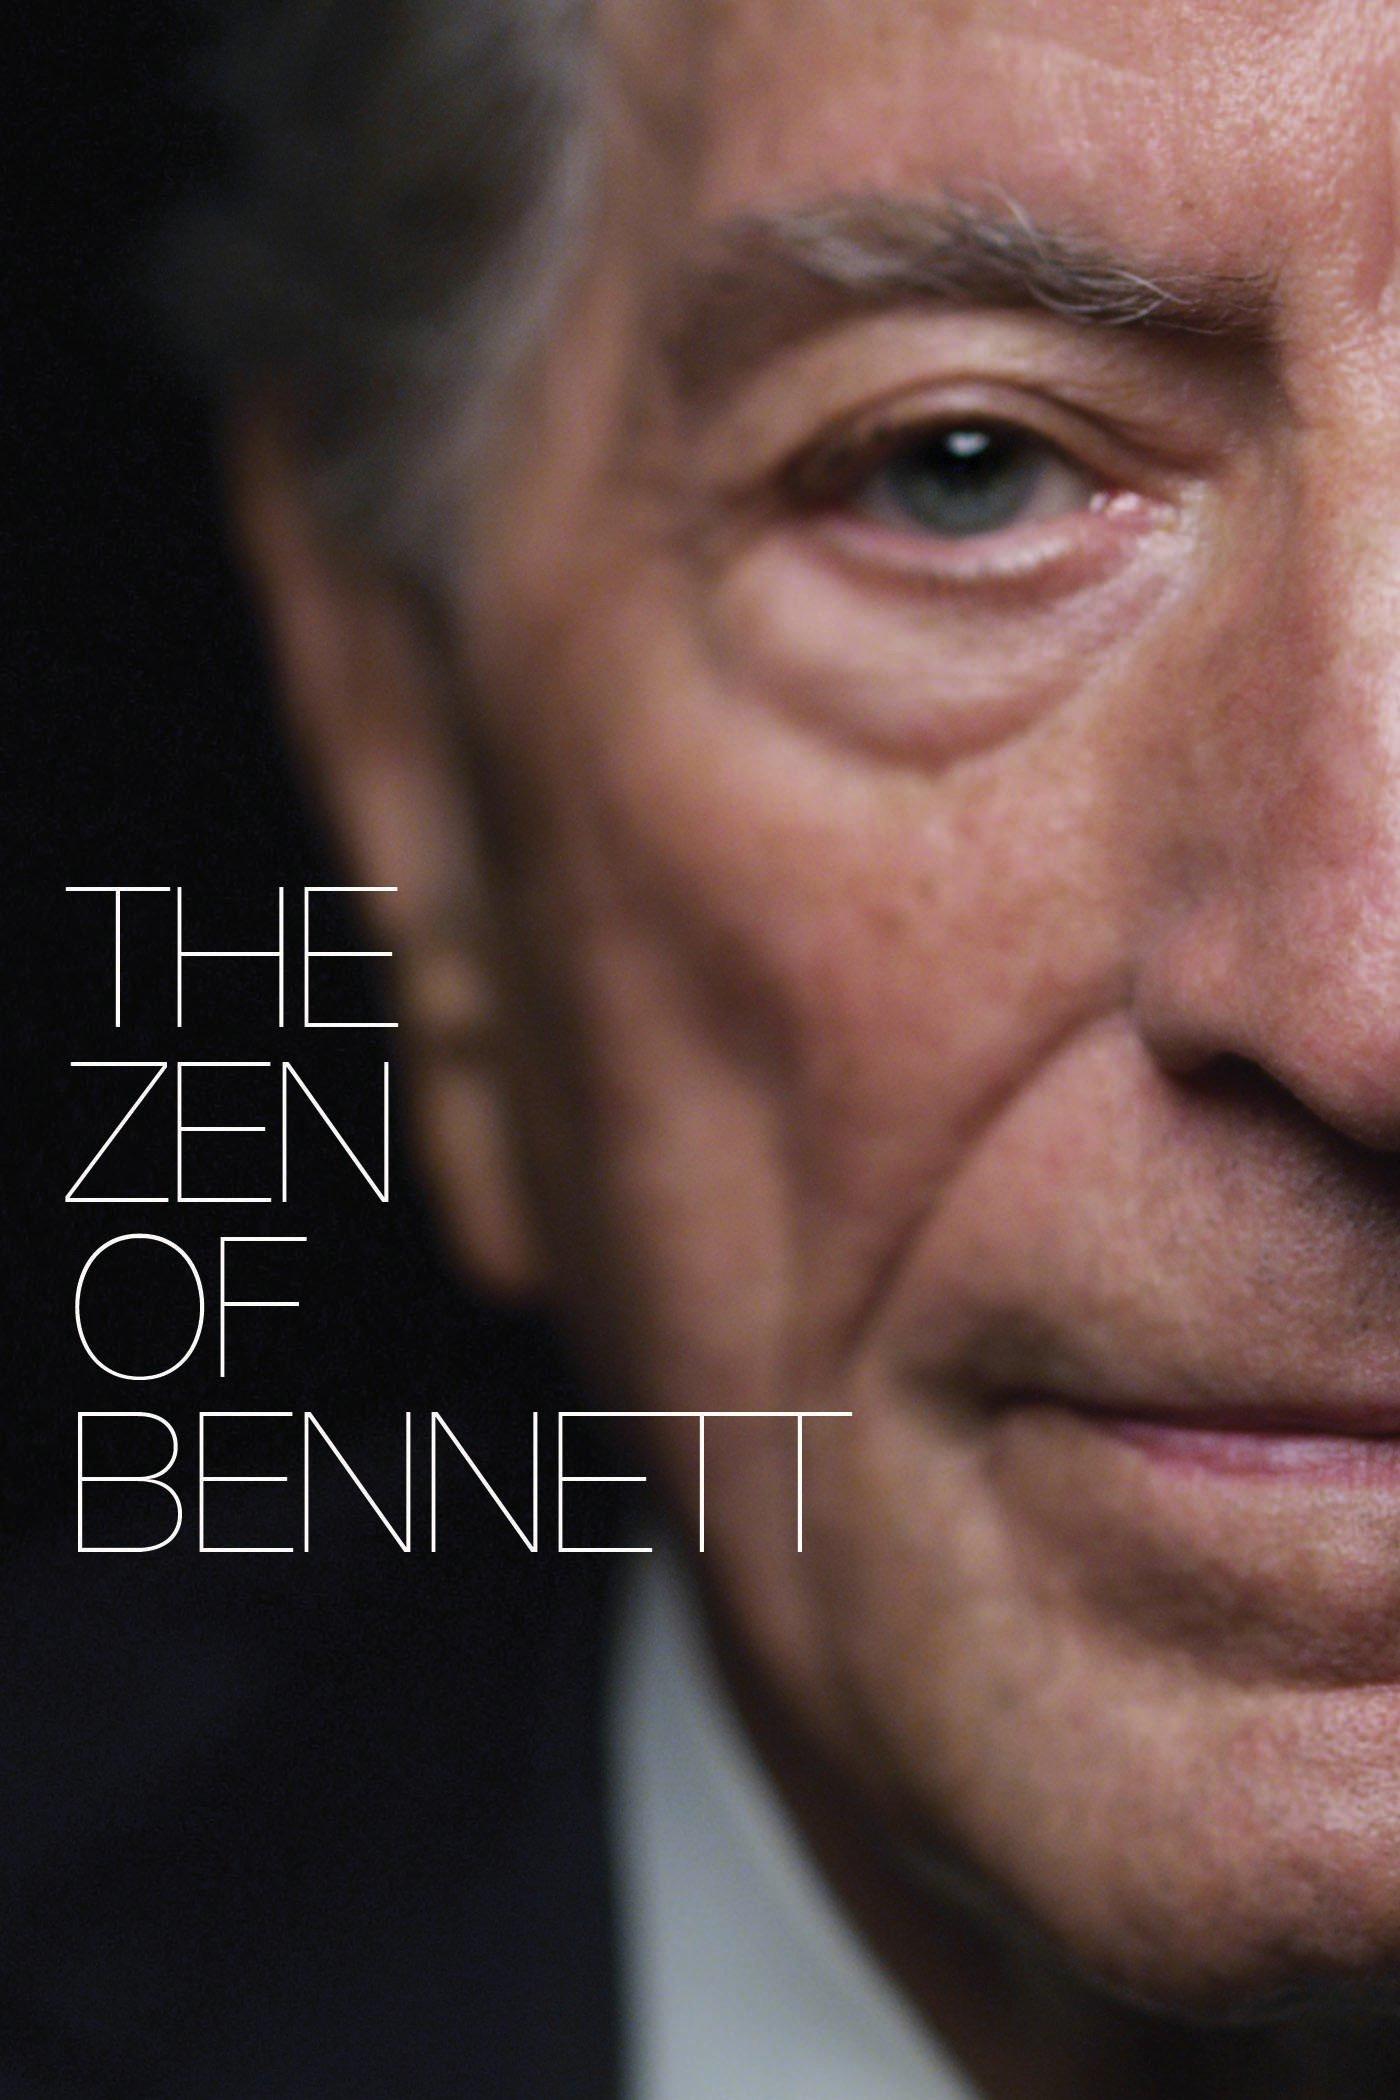 Tony Bennett: The Zen of Bennett